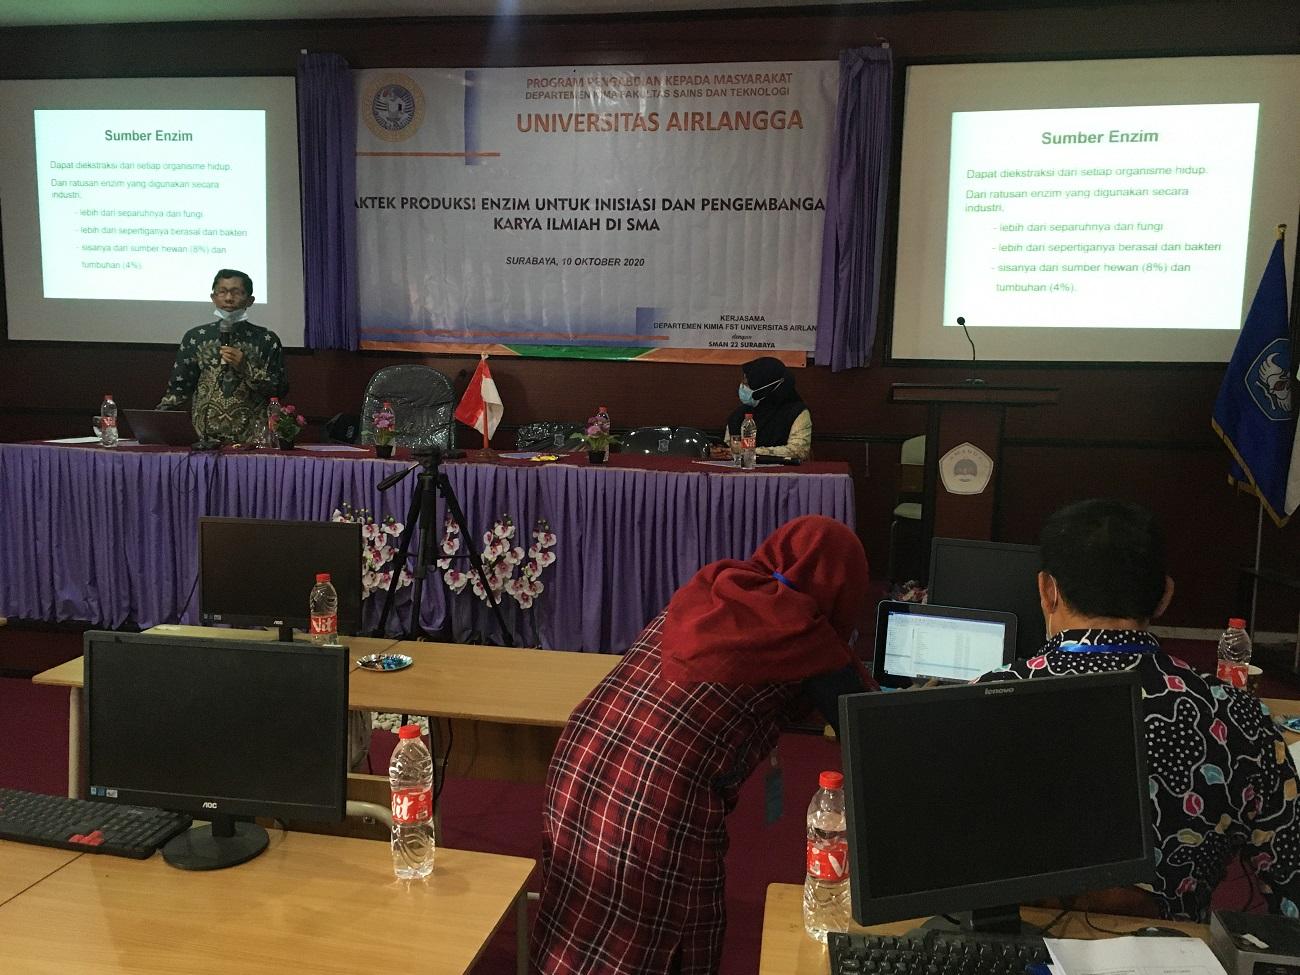 Pengabdian Kepada Masyarakat Departemen Kimia UNAIR ke SMA 22 Surabaya